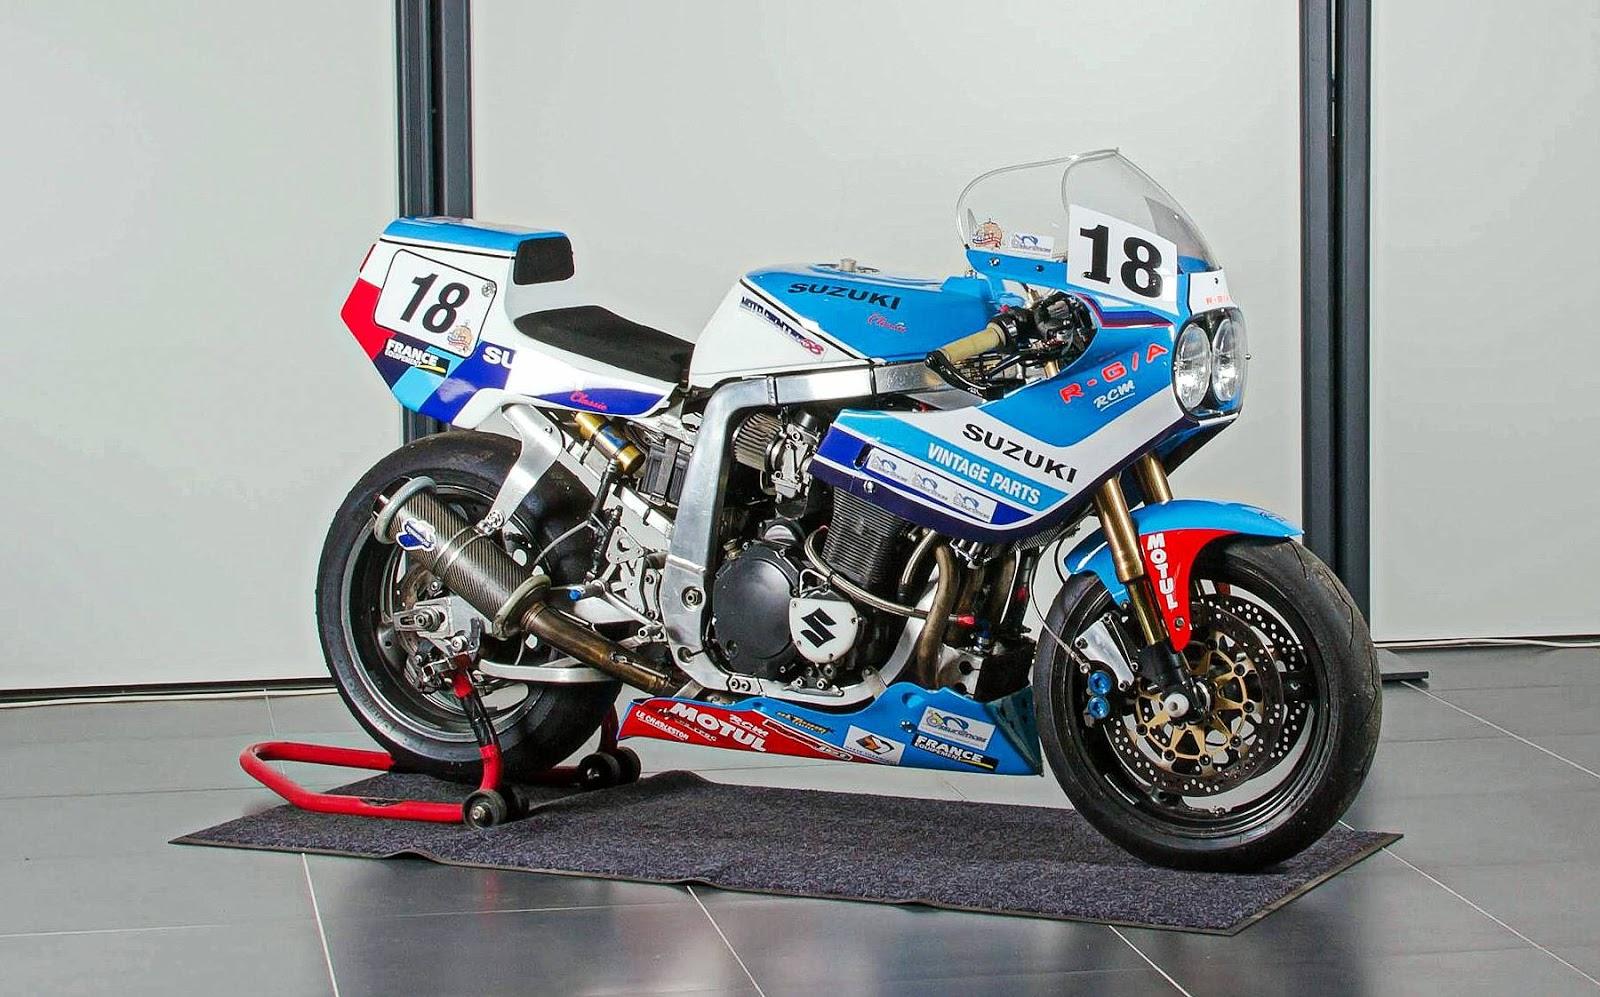 Suzuki Champion